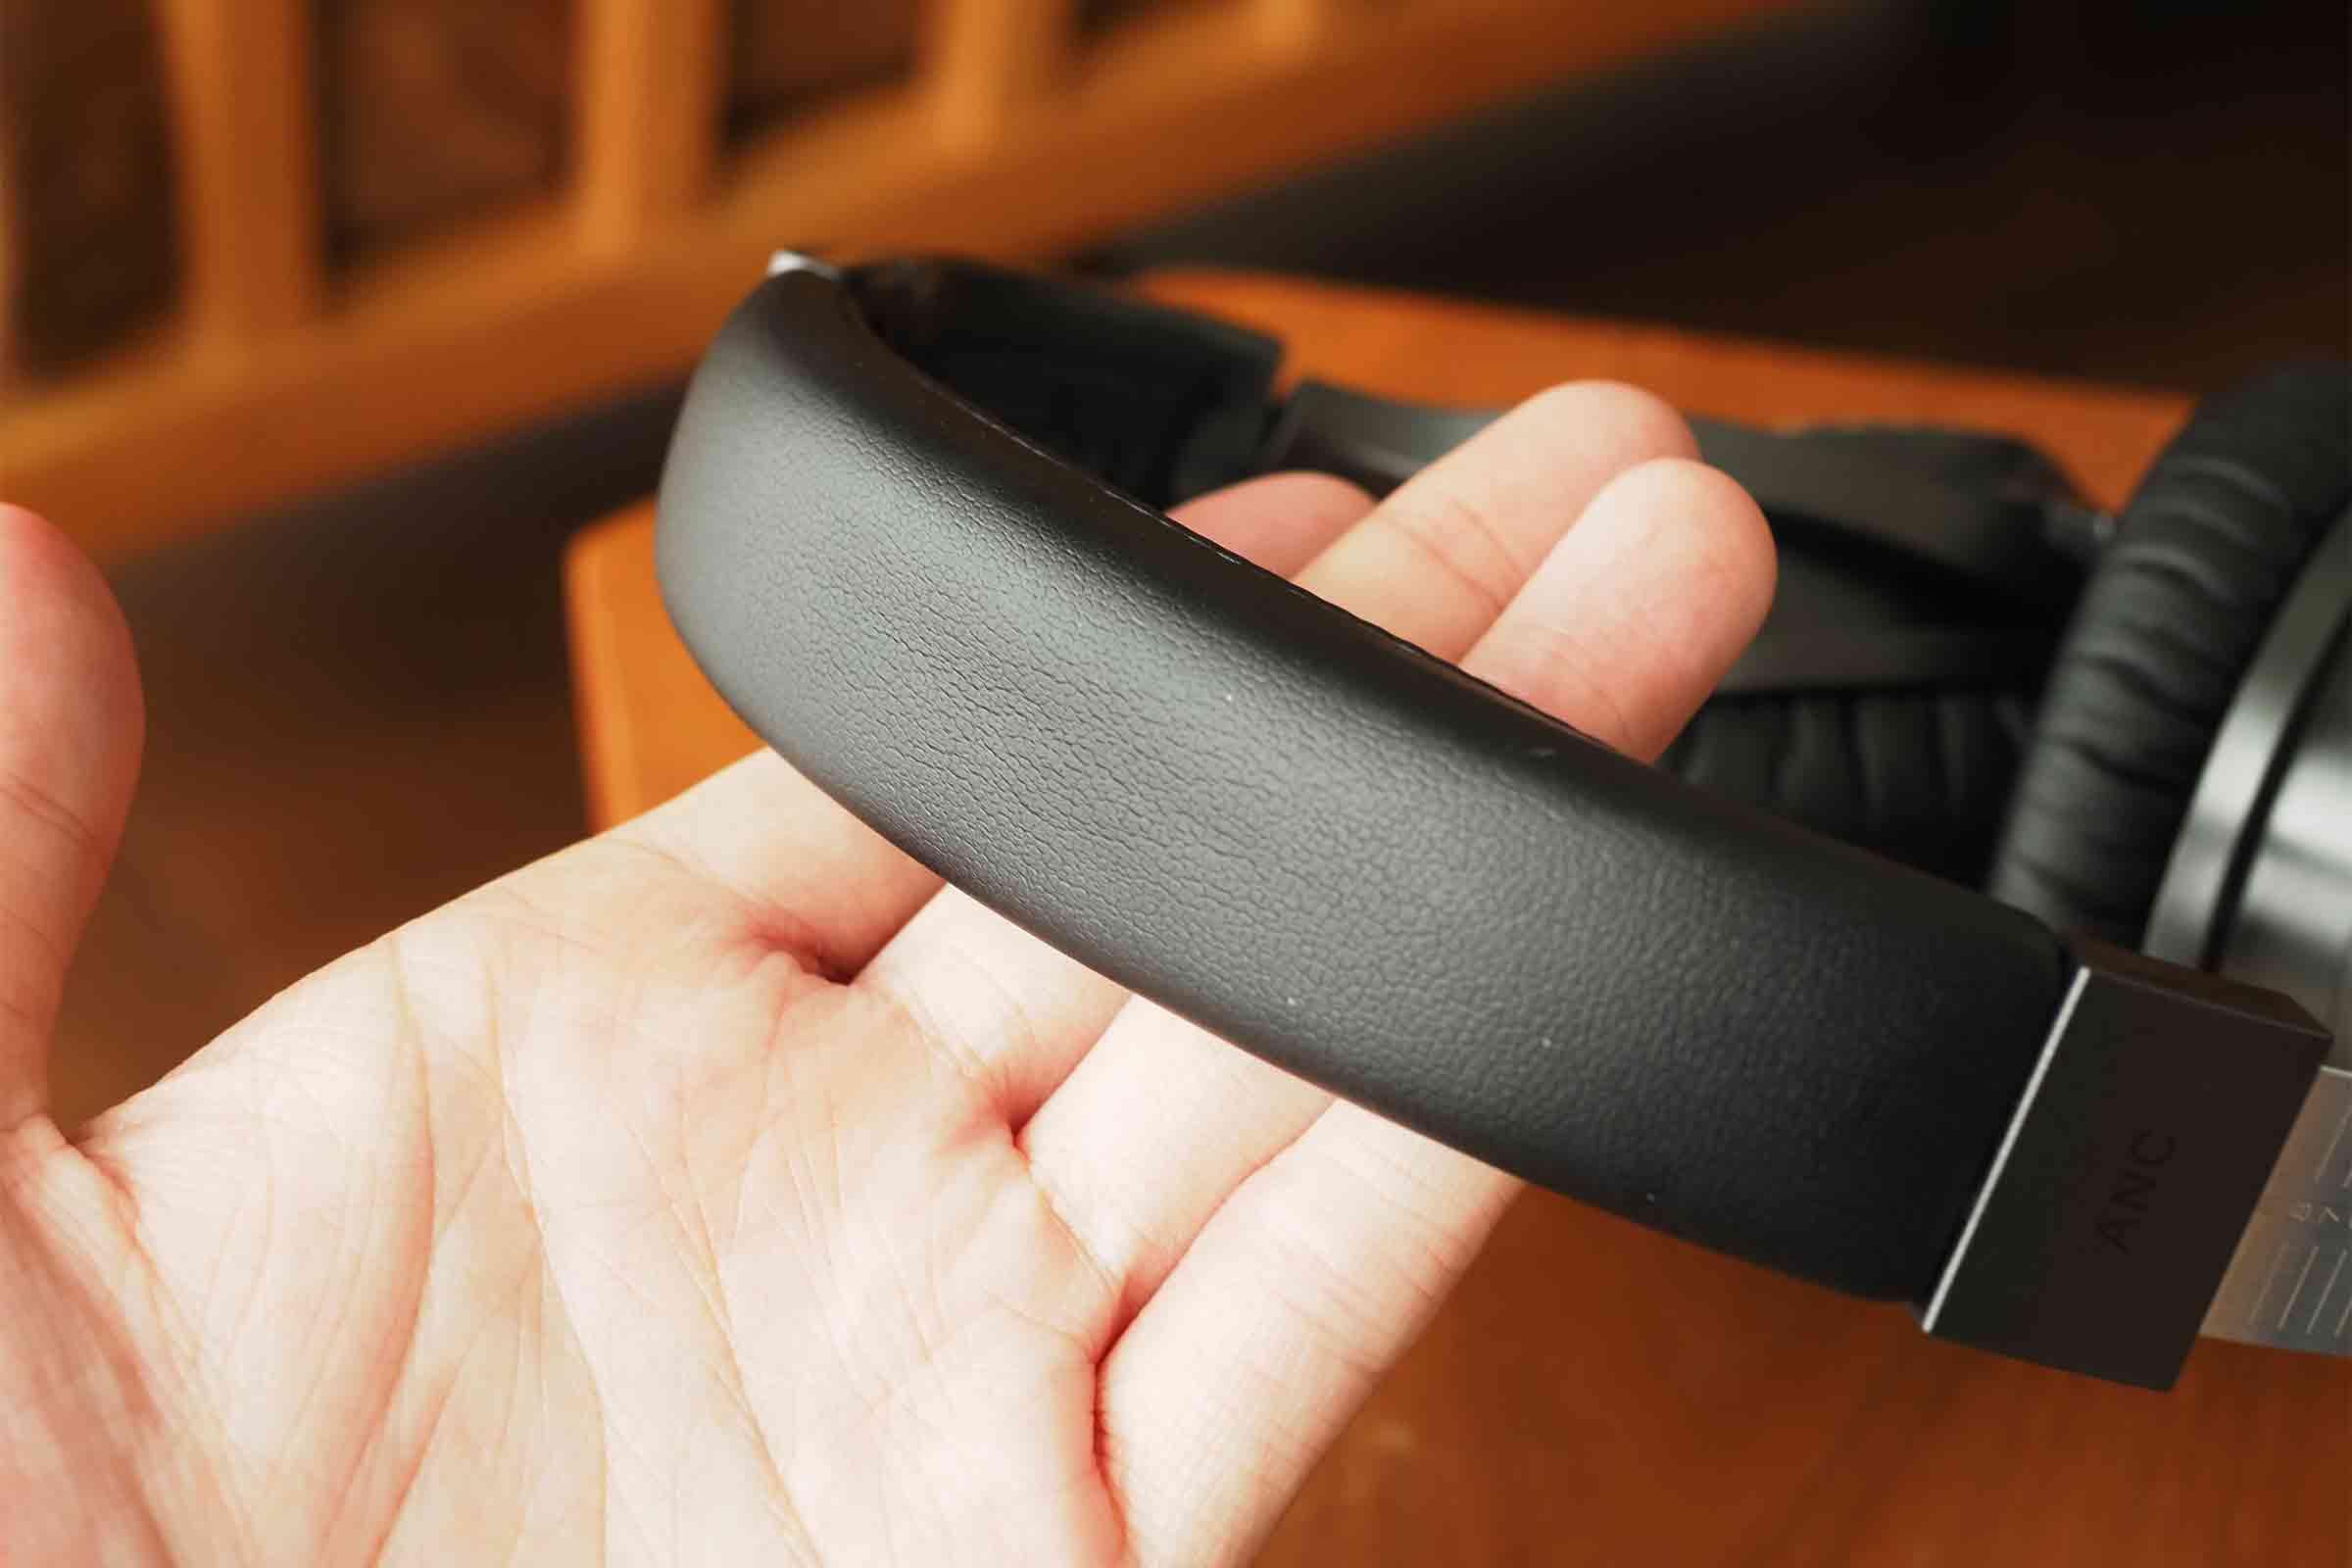 ワイヤレスイヤホン,ワイヤレスヘッドホン,vankyo,ノイズキャンセリング,音質,高音質,低音,安い,ブラック